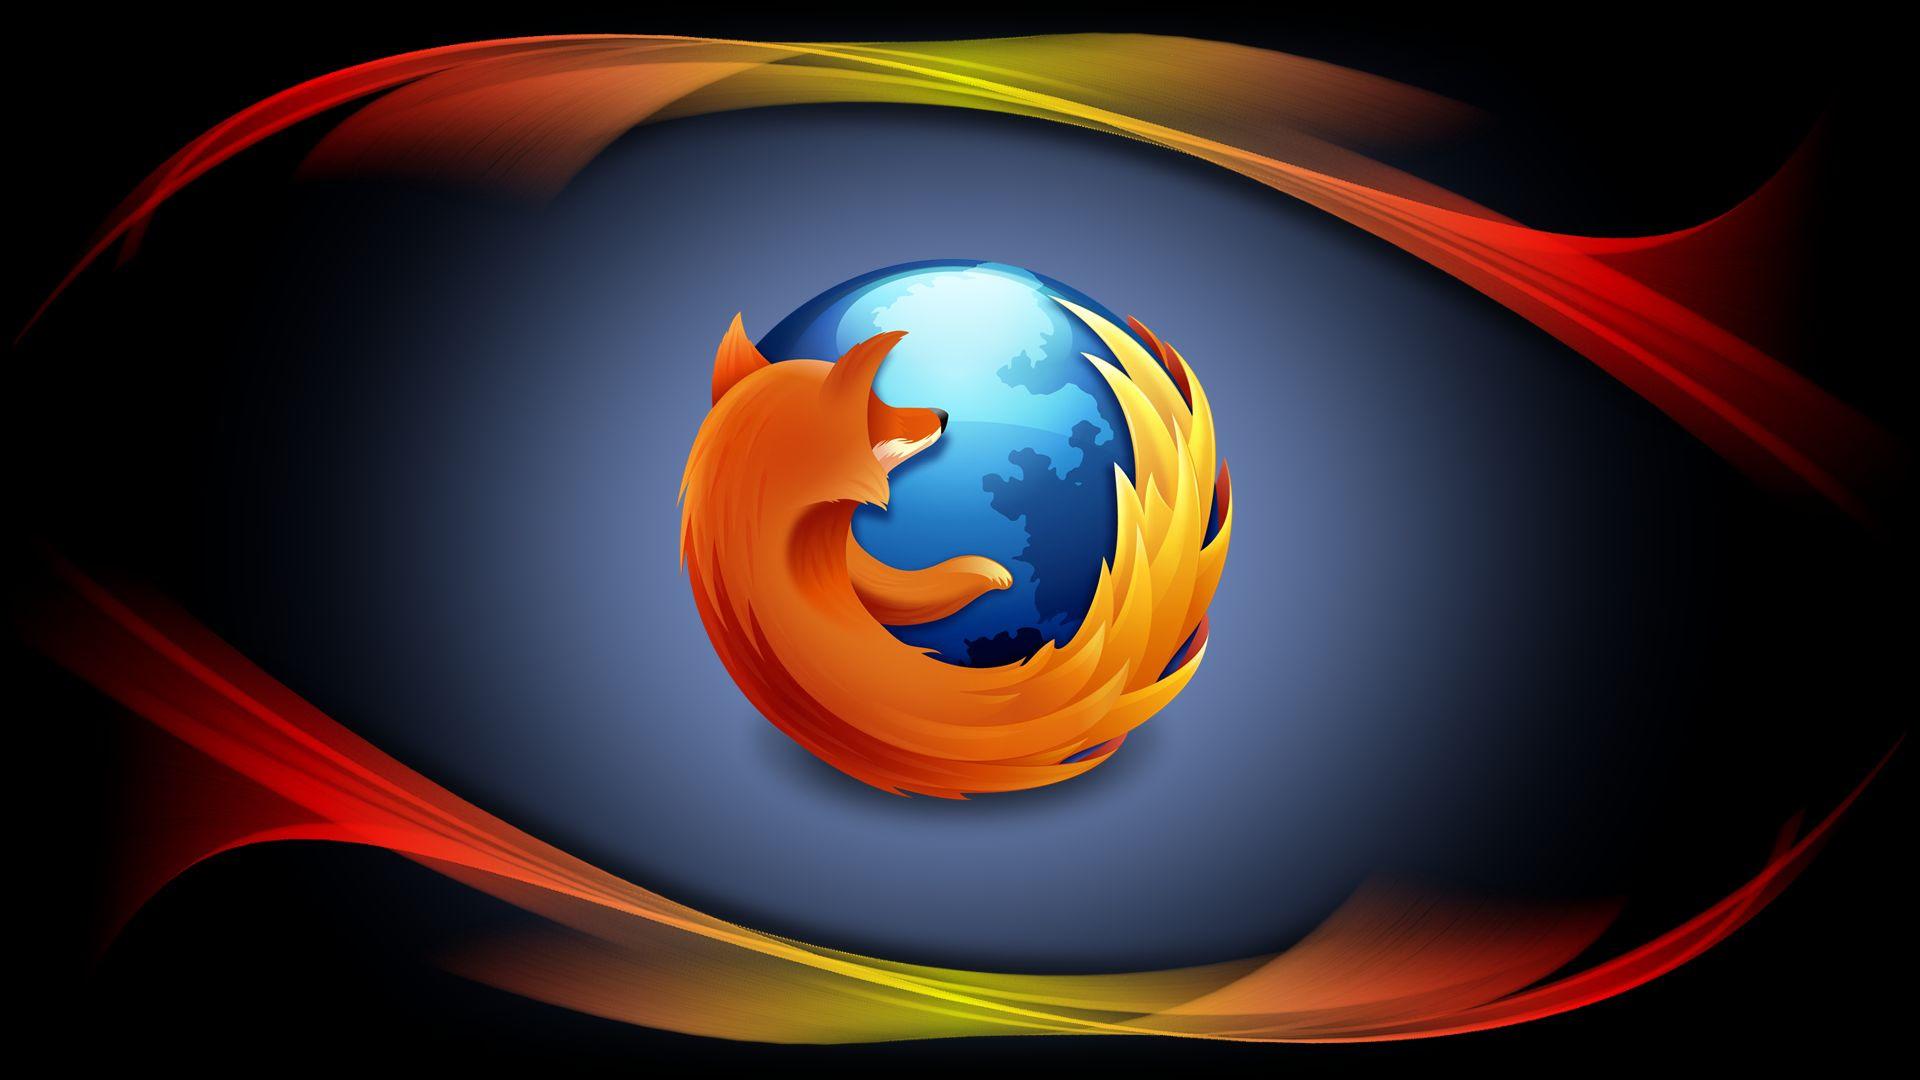 Cara Paling Ampuh Bikin Mozilla Firefox Tambah Ngebut 275%